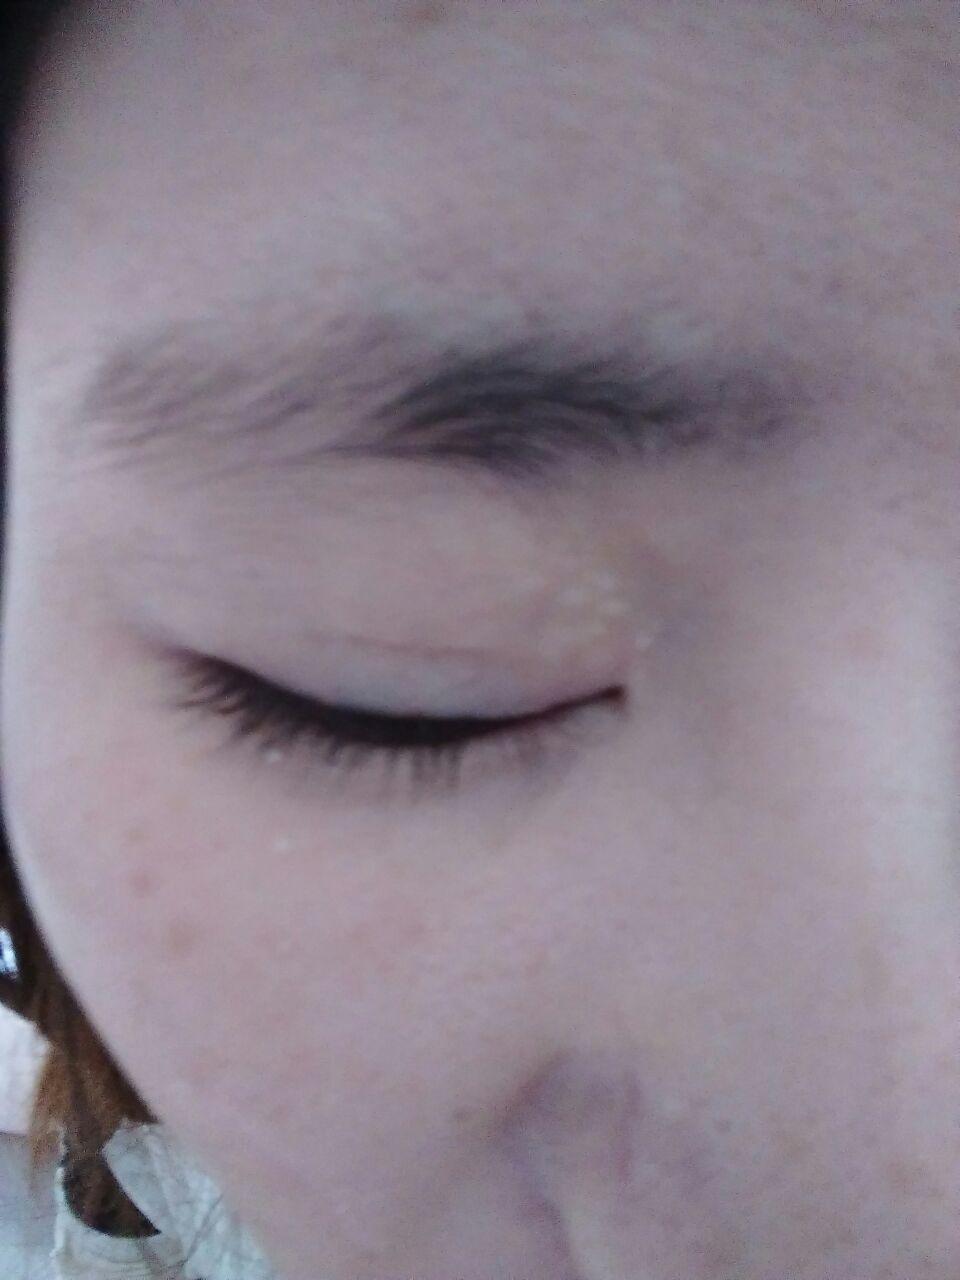 韩国双眼皮修复价格怎么样,两次修复失败,每天看见这样的自己就心烦,想做第三次,不知道那家能做我的眼睛,